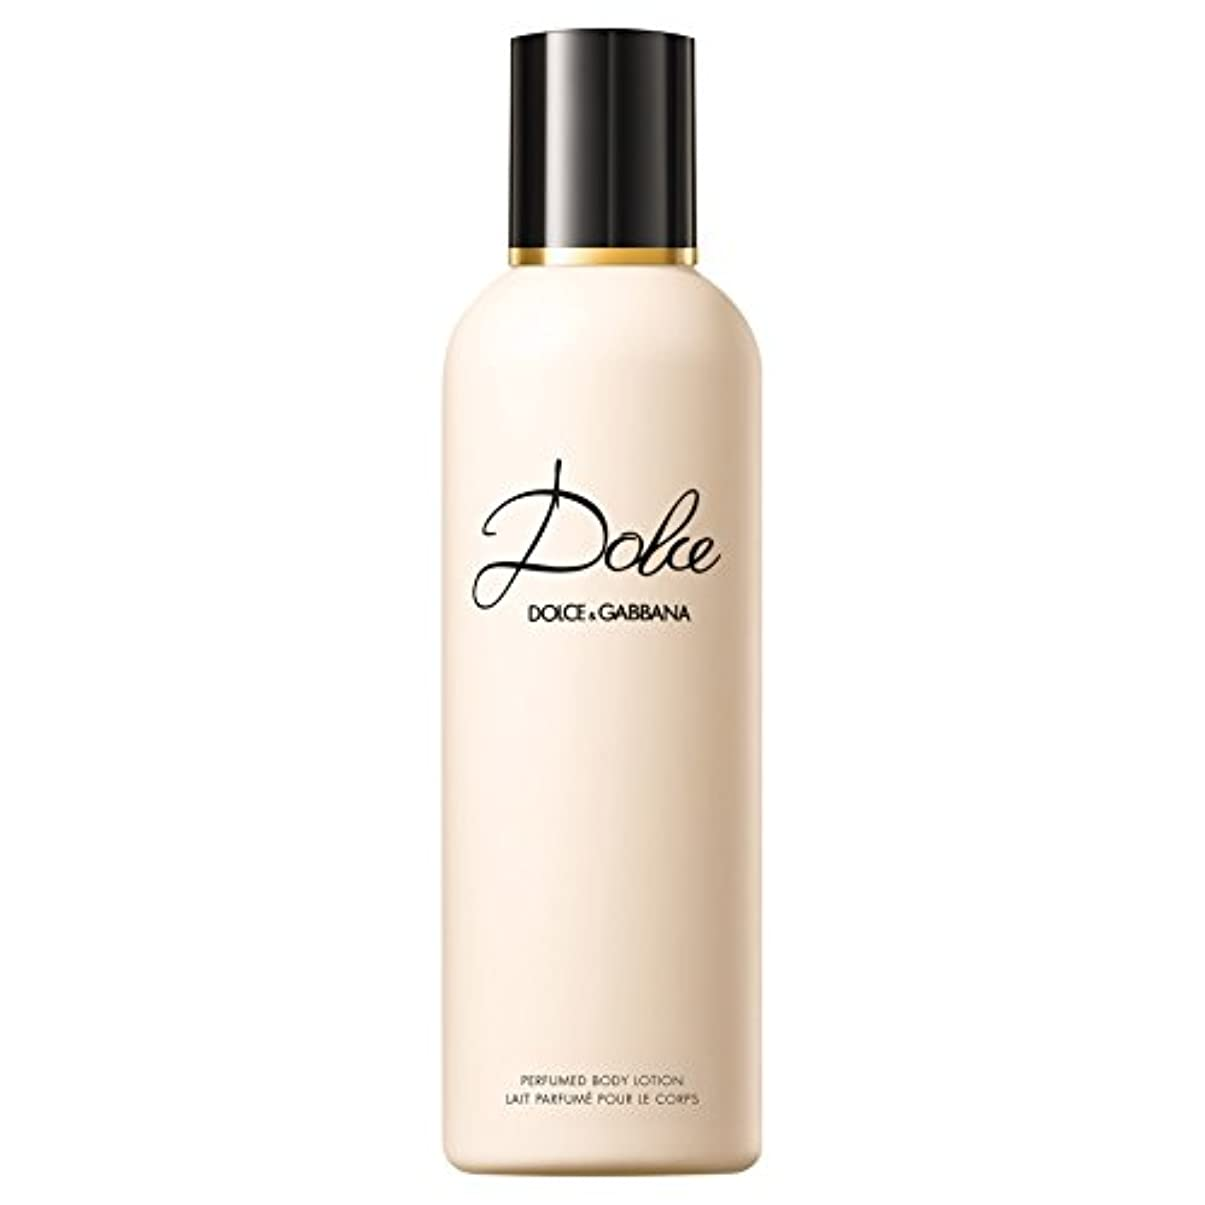 致命的進化敵意ドルチェ&ガッバーナドルチェのボディローション200ミリリットル (Dolce & Gabbana) - Dolce & Gabbana Dolce Body Lotion 200ml [並行輸入品]